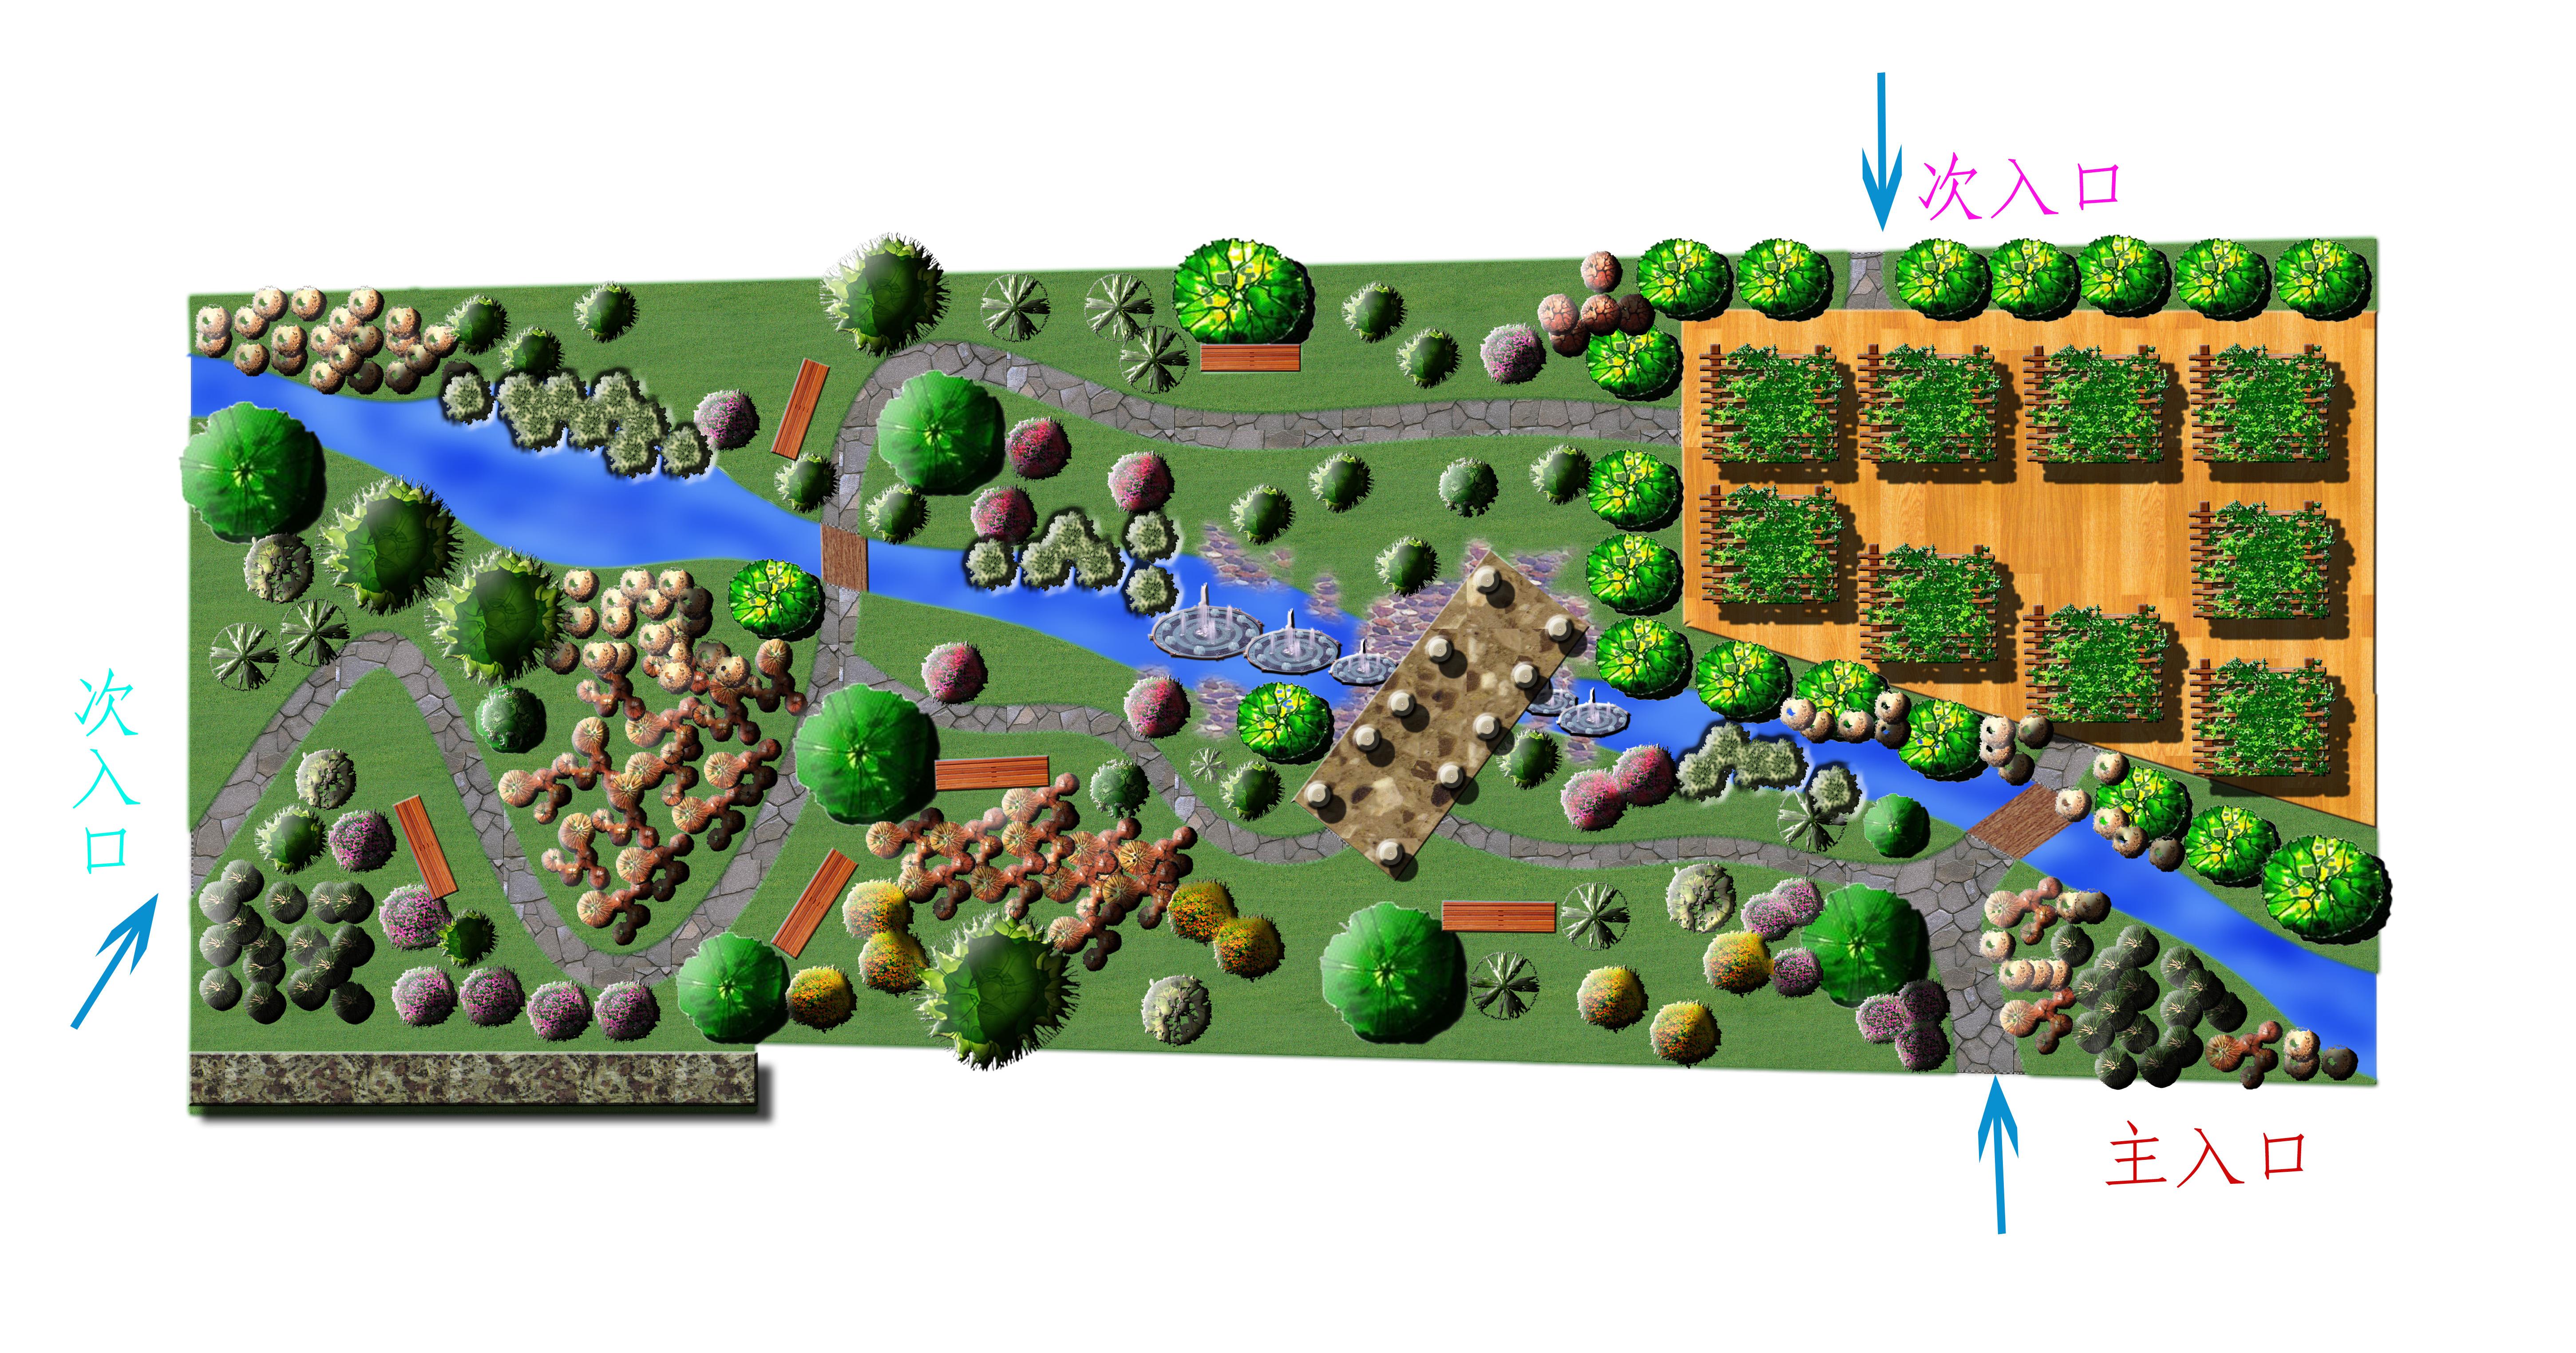 景观cad图公园景观设计公园景观小品公园景观快题设计滨水公园景观